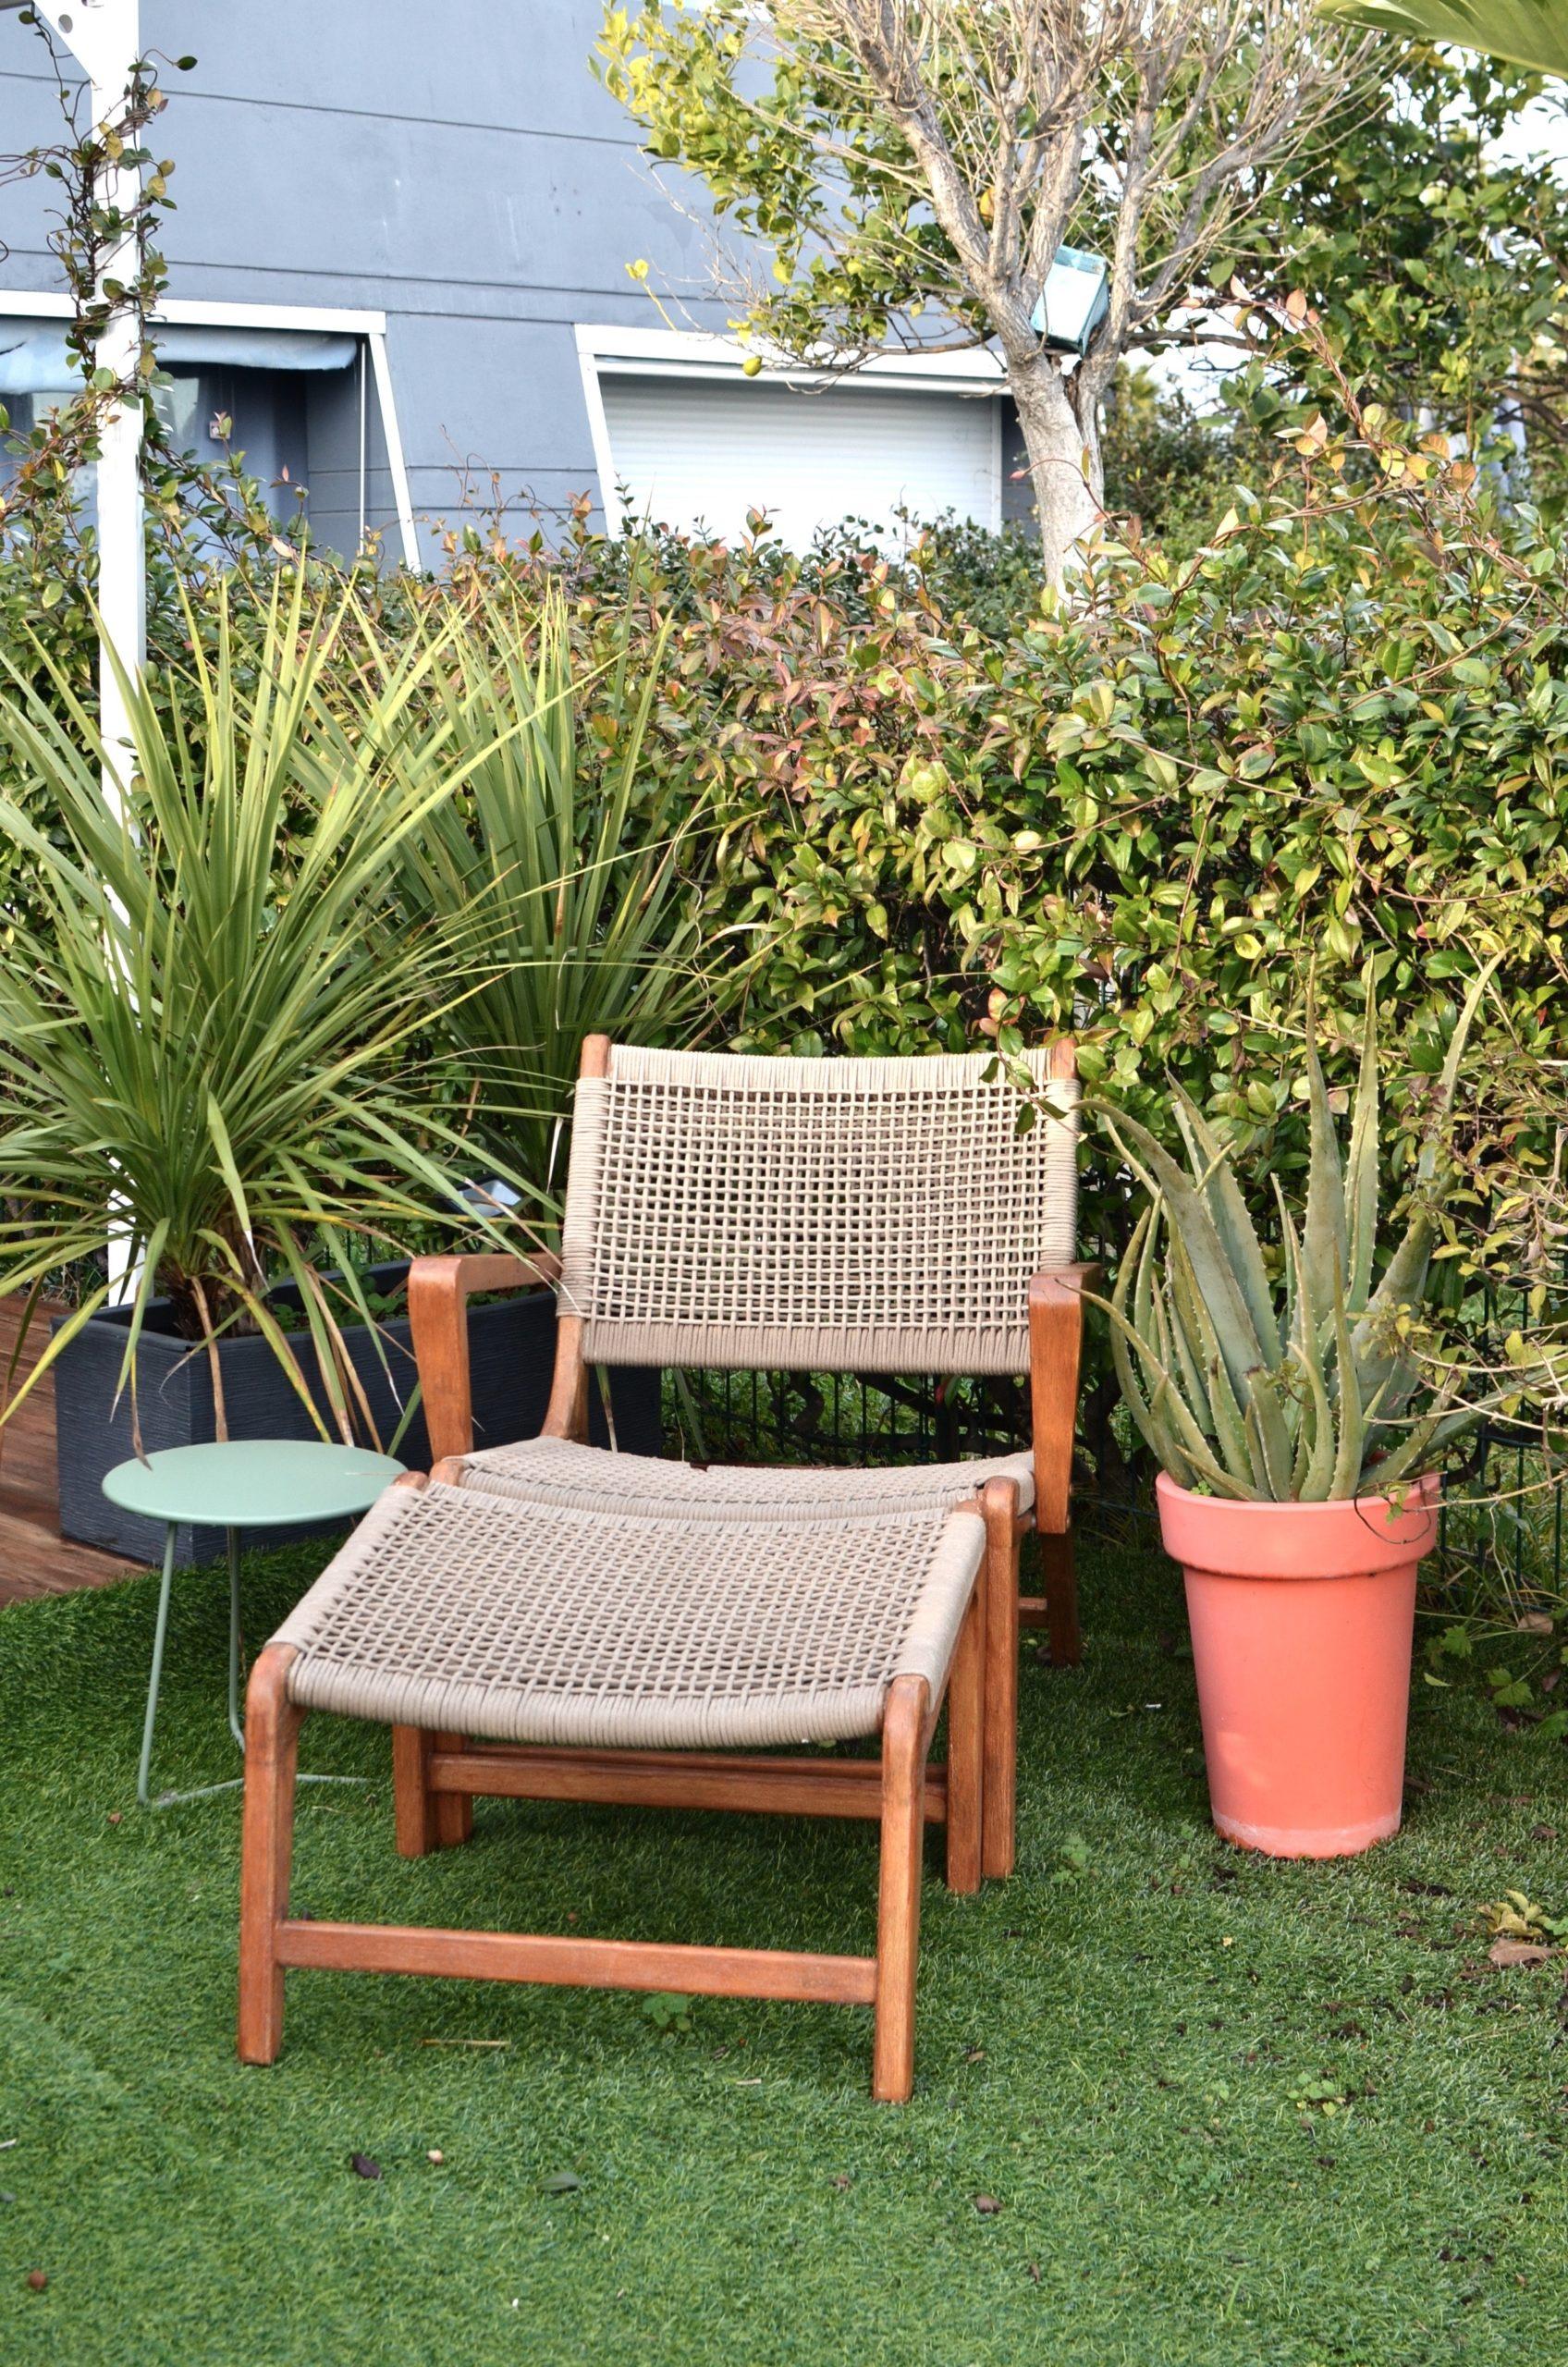 Créez vous un sit-spot dans votre jardin, sur votre terrasse ou balcon, vous devez pouvoir vous ressourcer facilement à chaque fois que vous en ressentez le besoin.